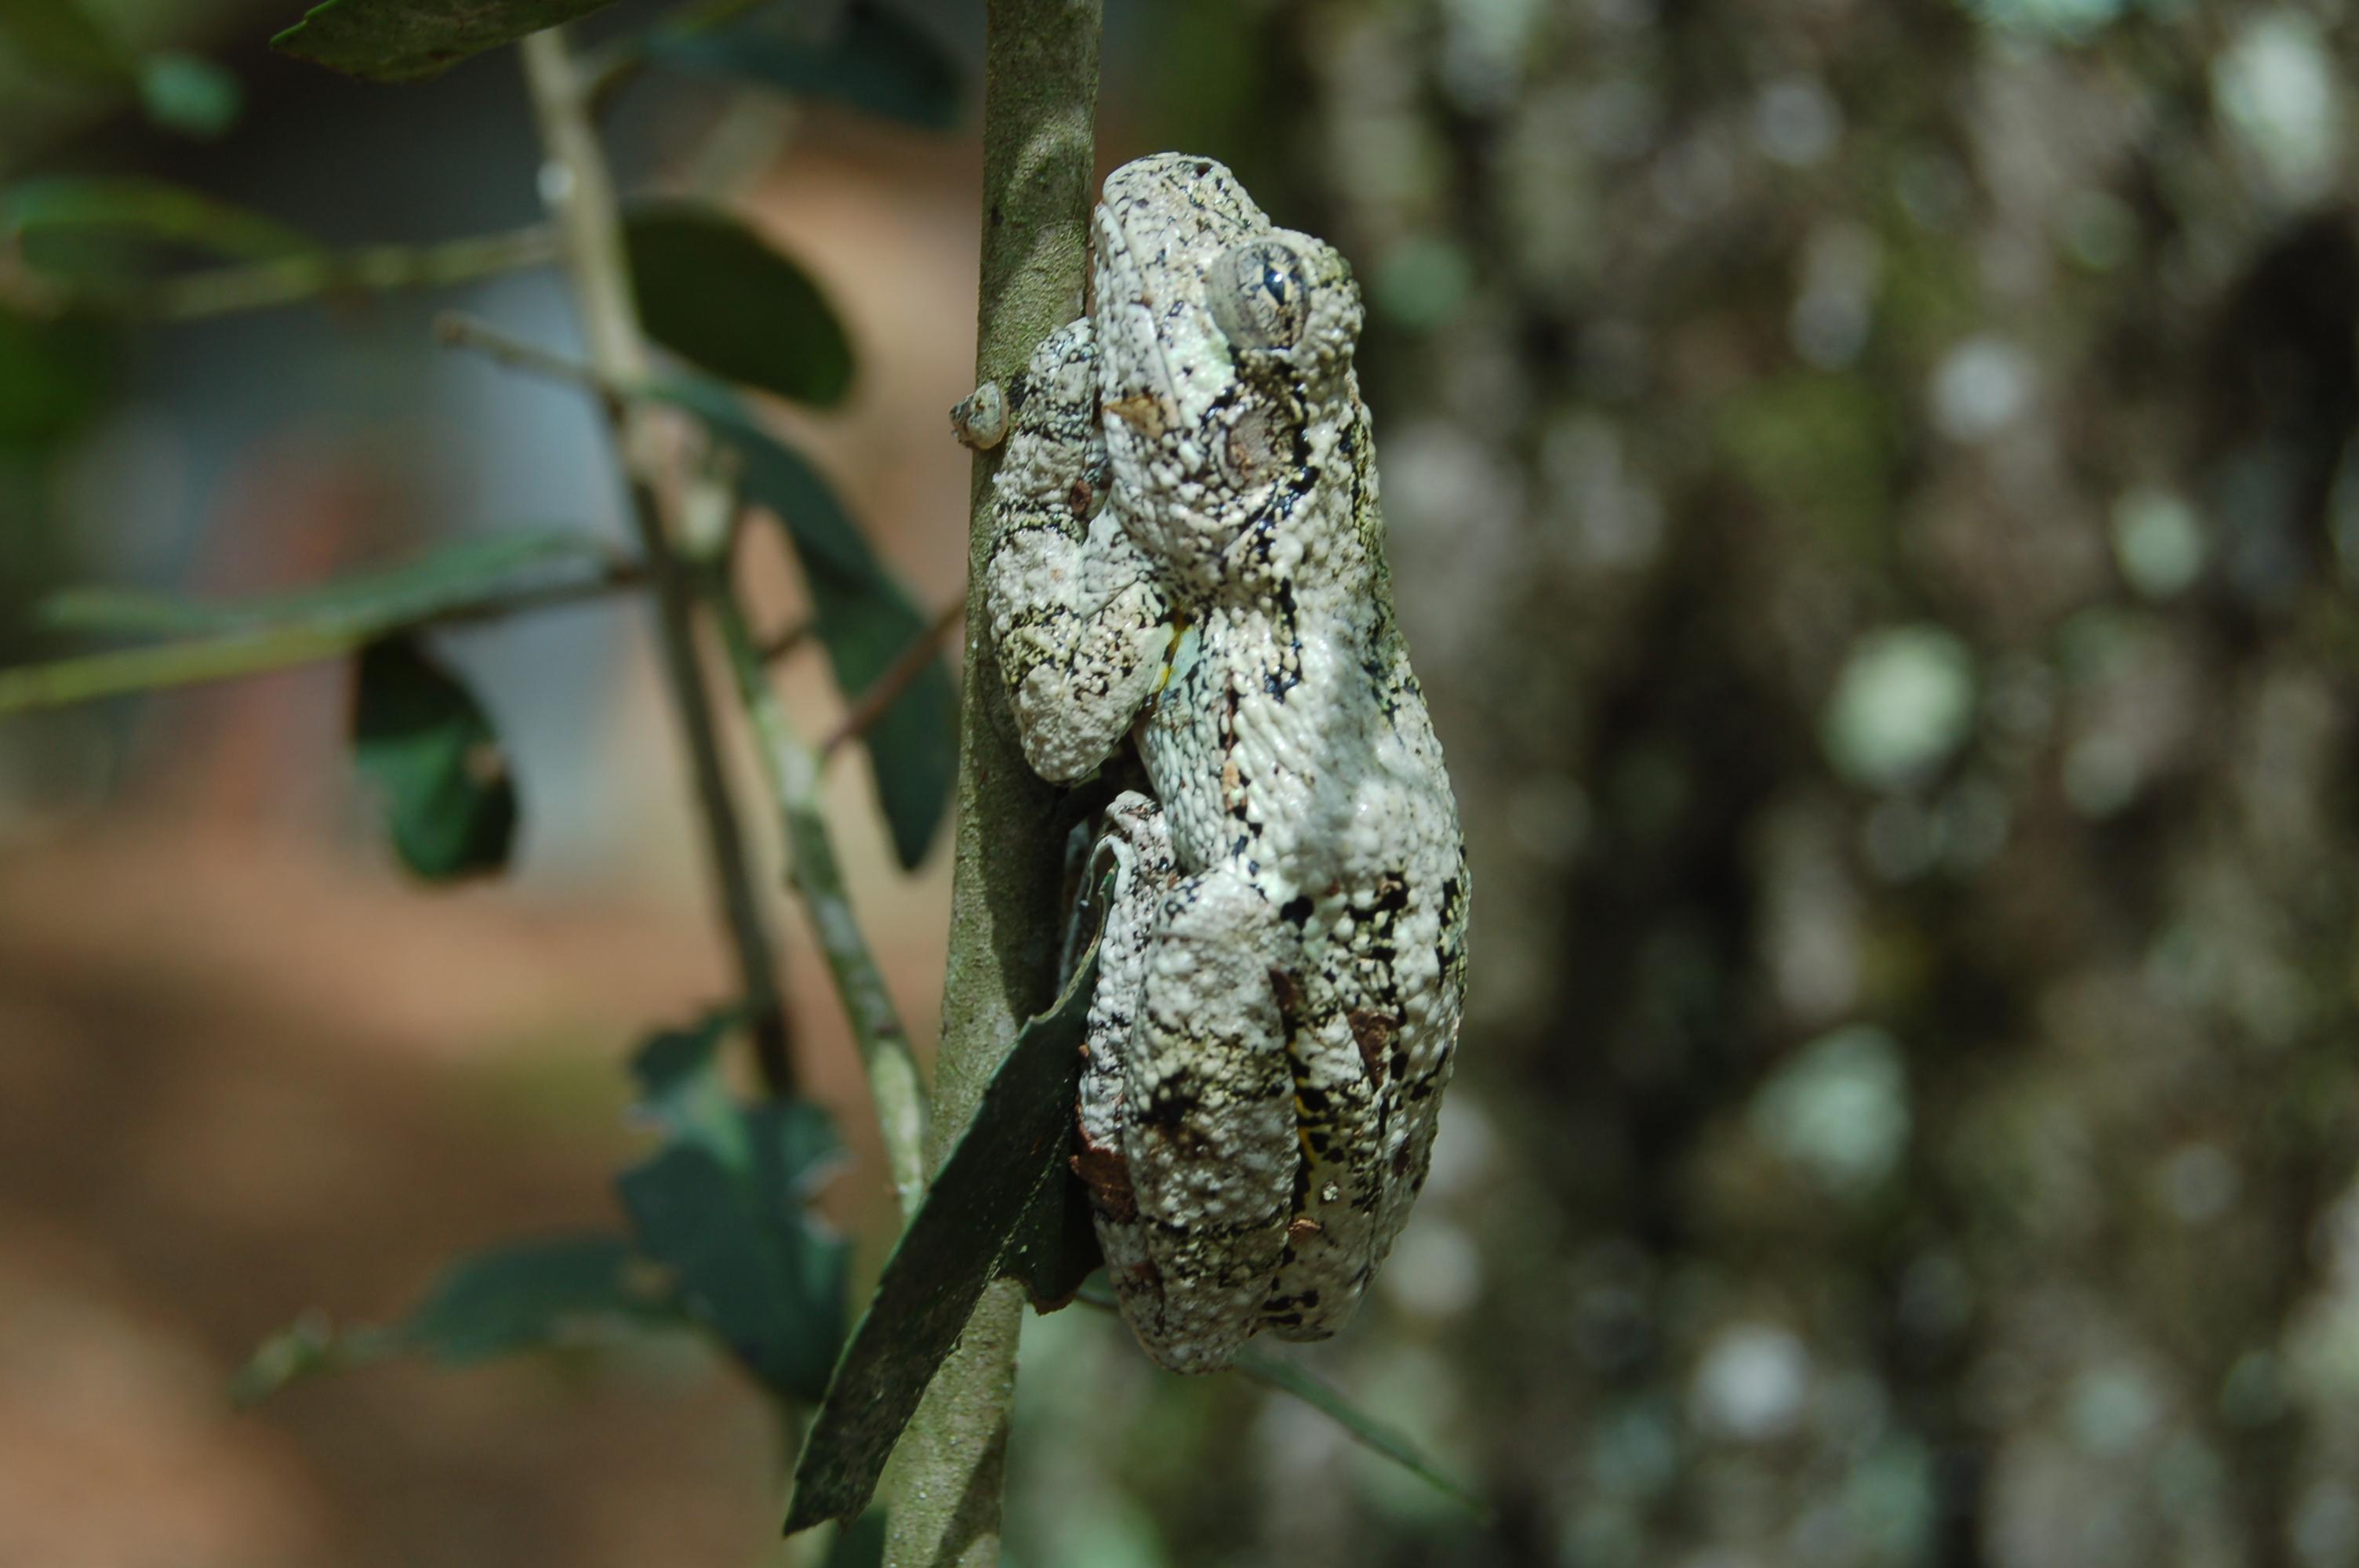 stock-photos-nature-linda-bateman-tree-frog